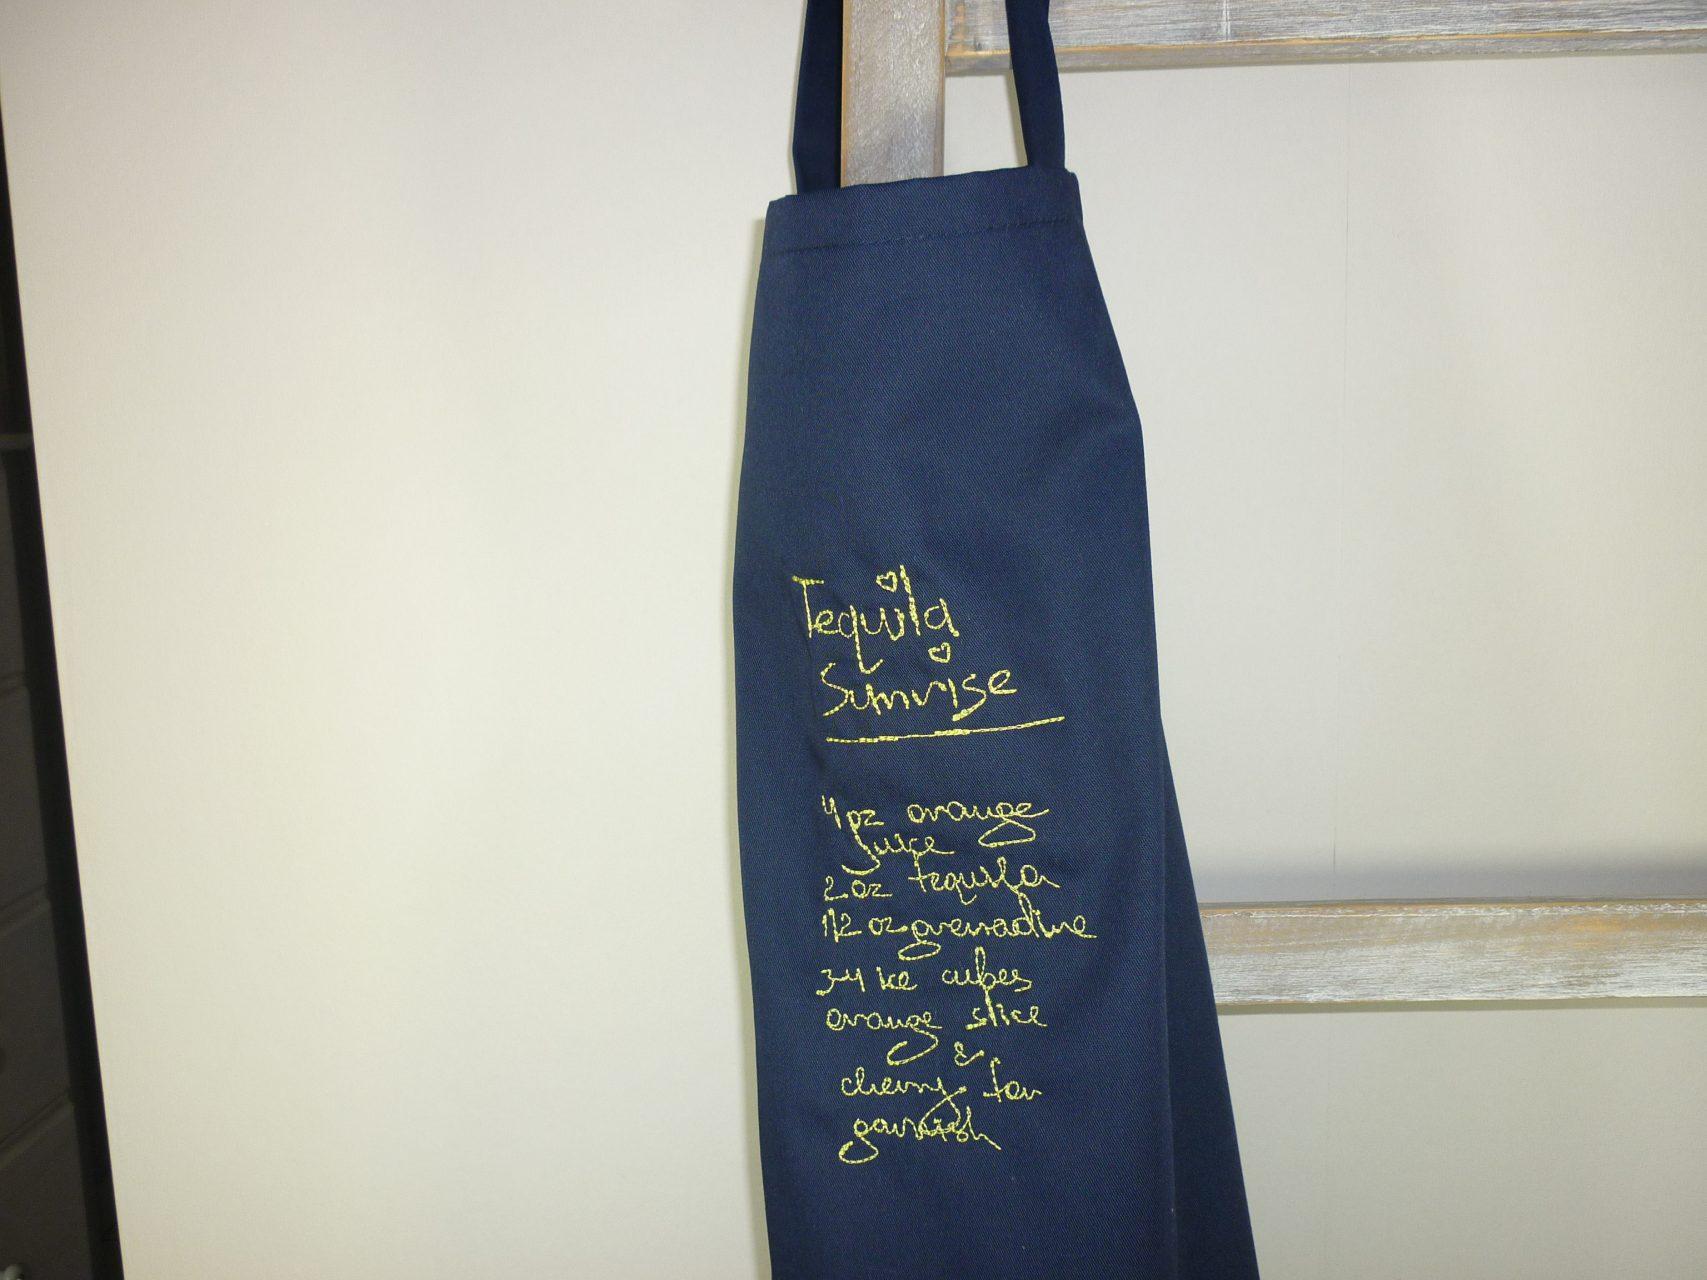 Tablier de cuisine marine homme t quila fabrication fran aise Tablier de cuisine pour homme